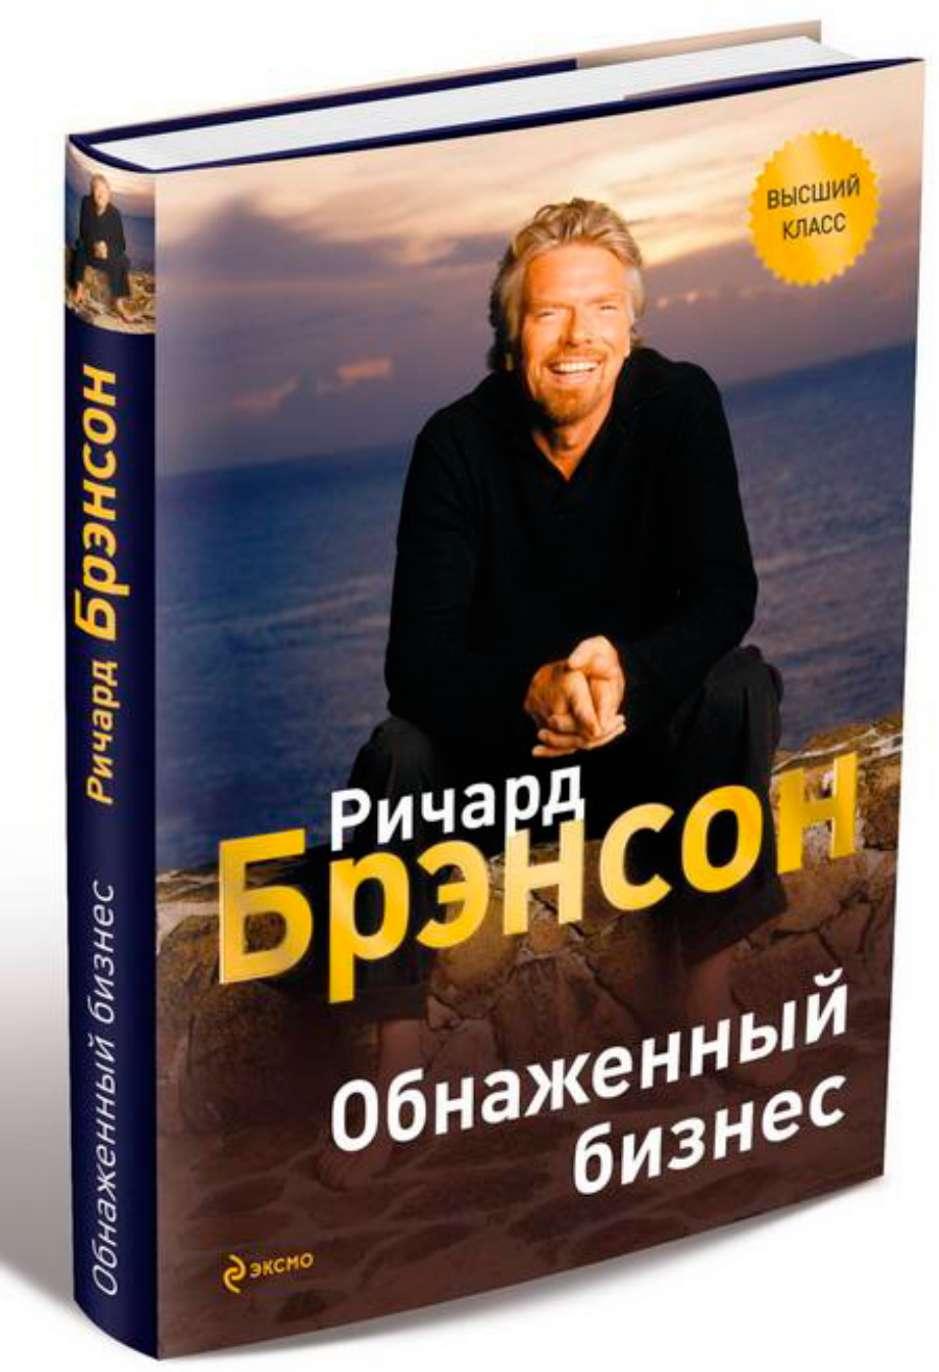 Ричард бренсон обнаженный бизнес скачать книгу